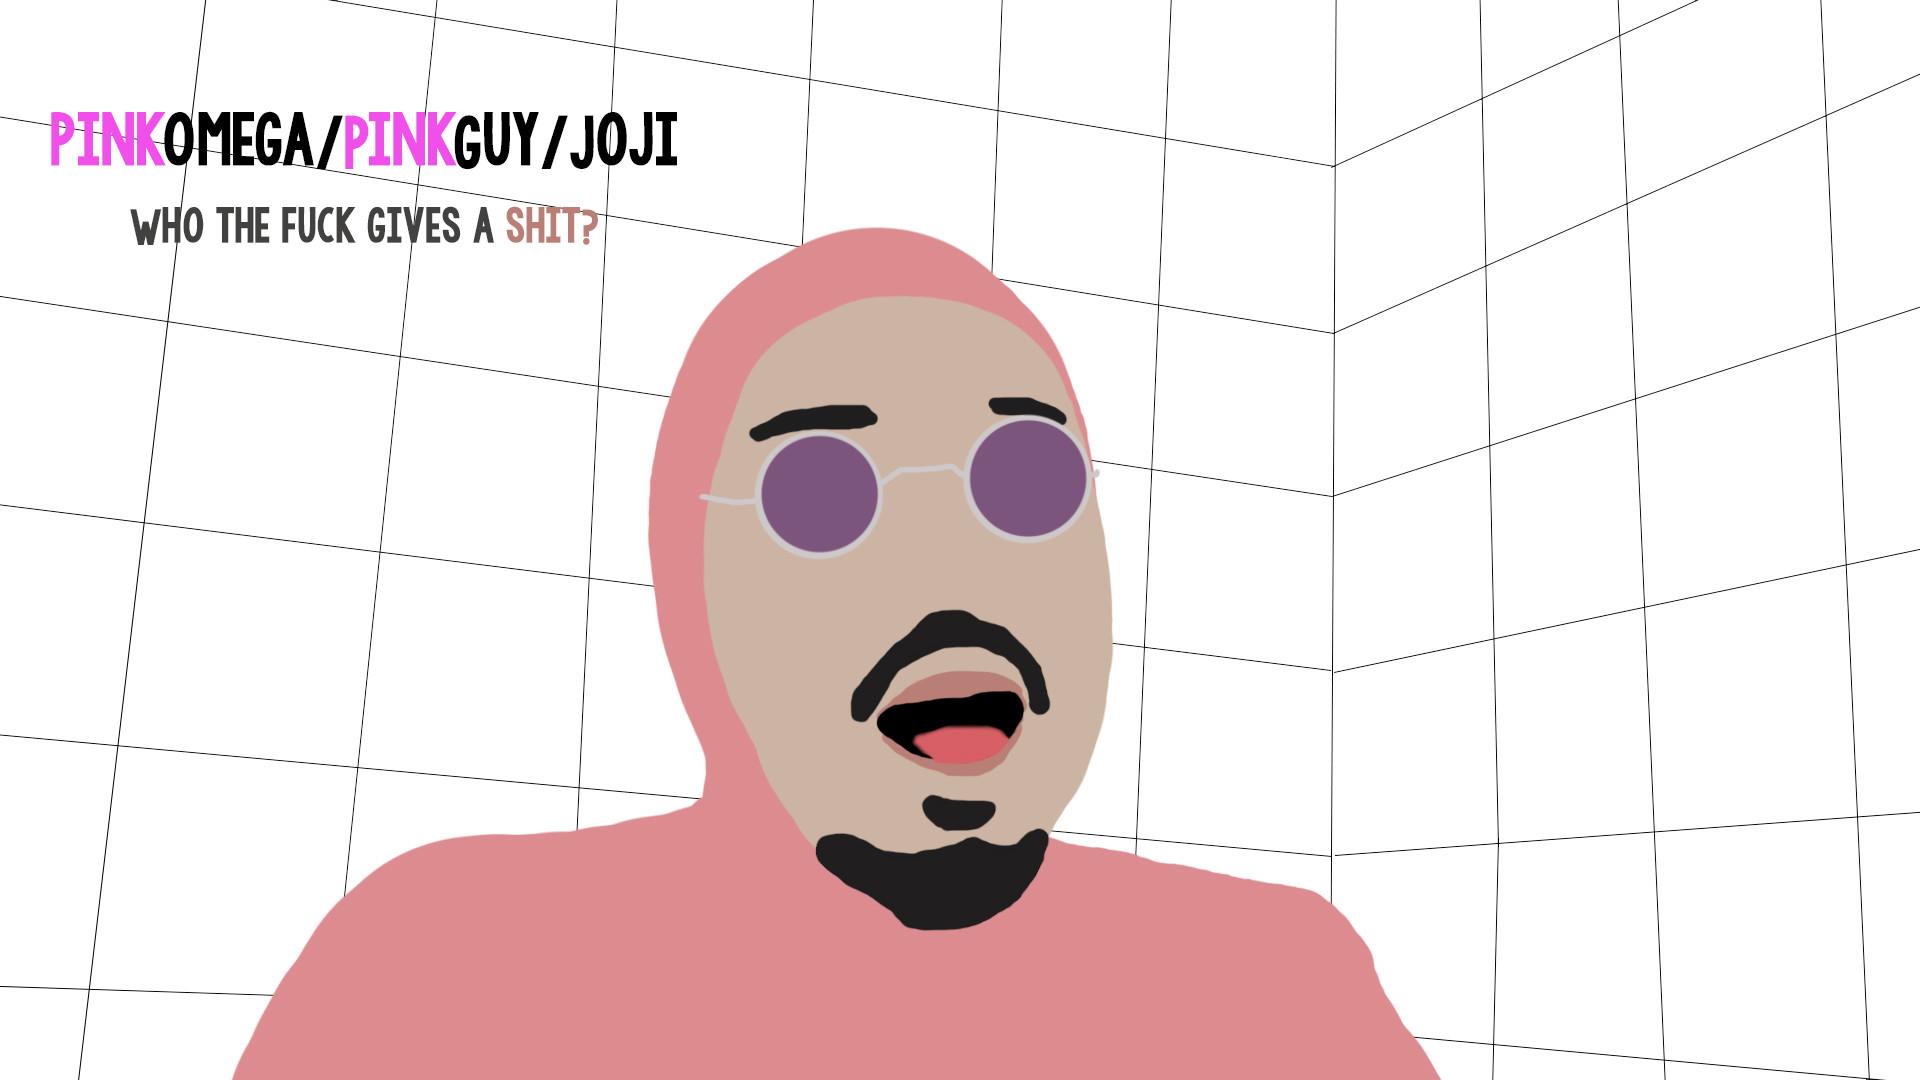 Pinkomega/Pinkguy/Joji Minimalistic Wallpaper/Albumart